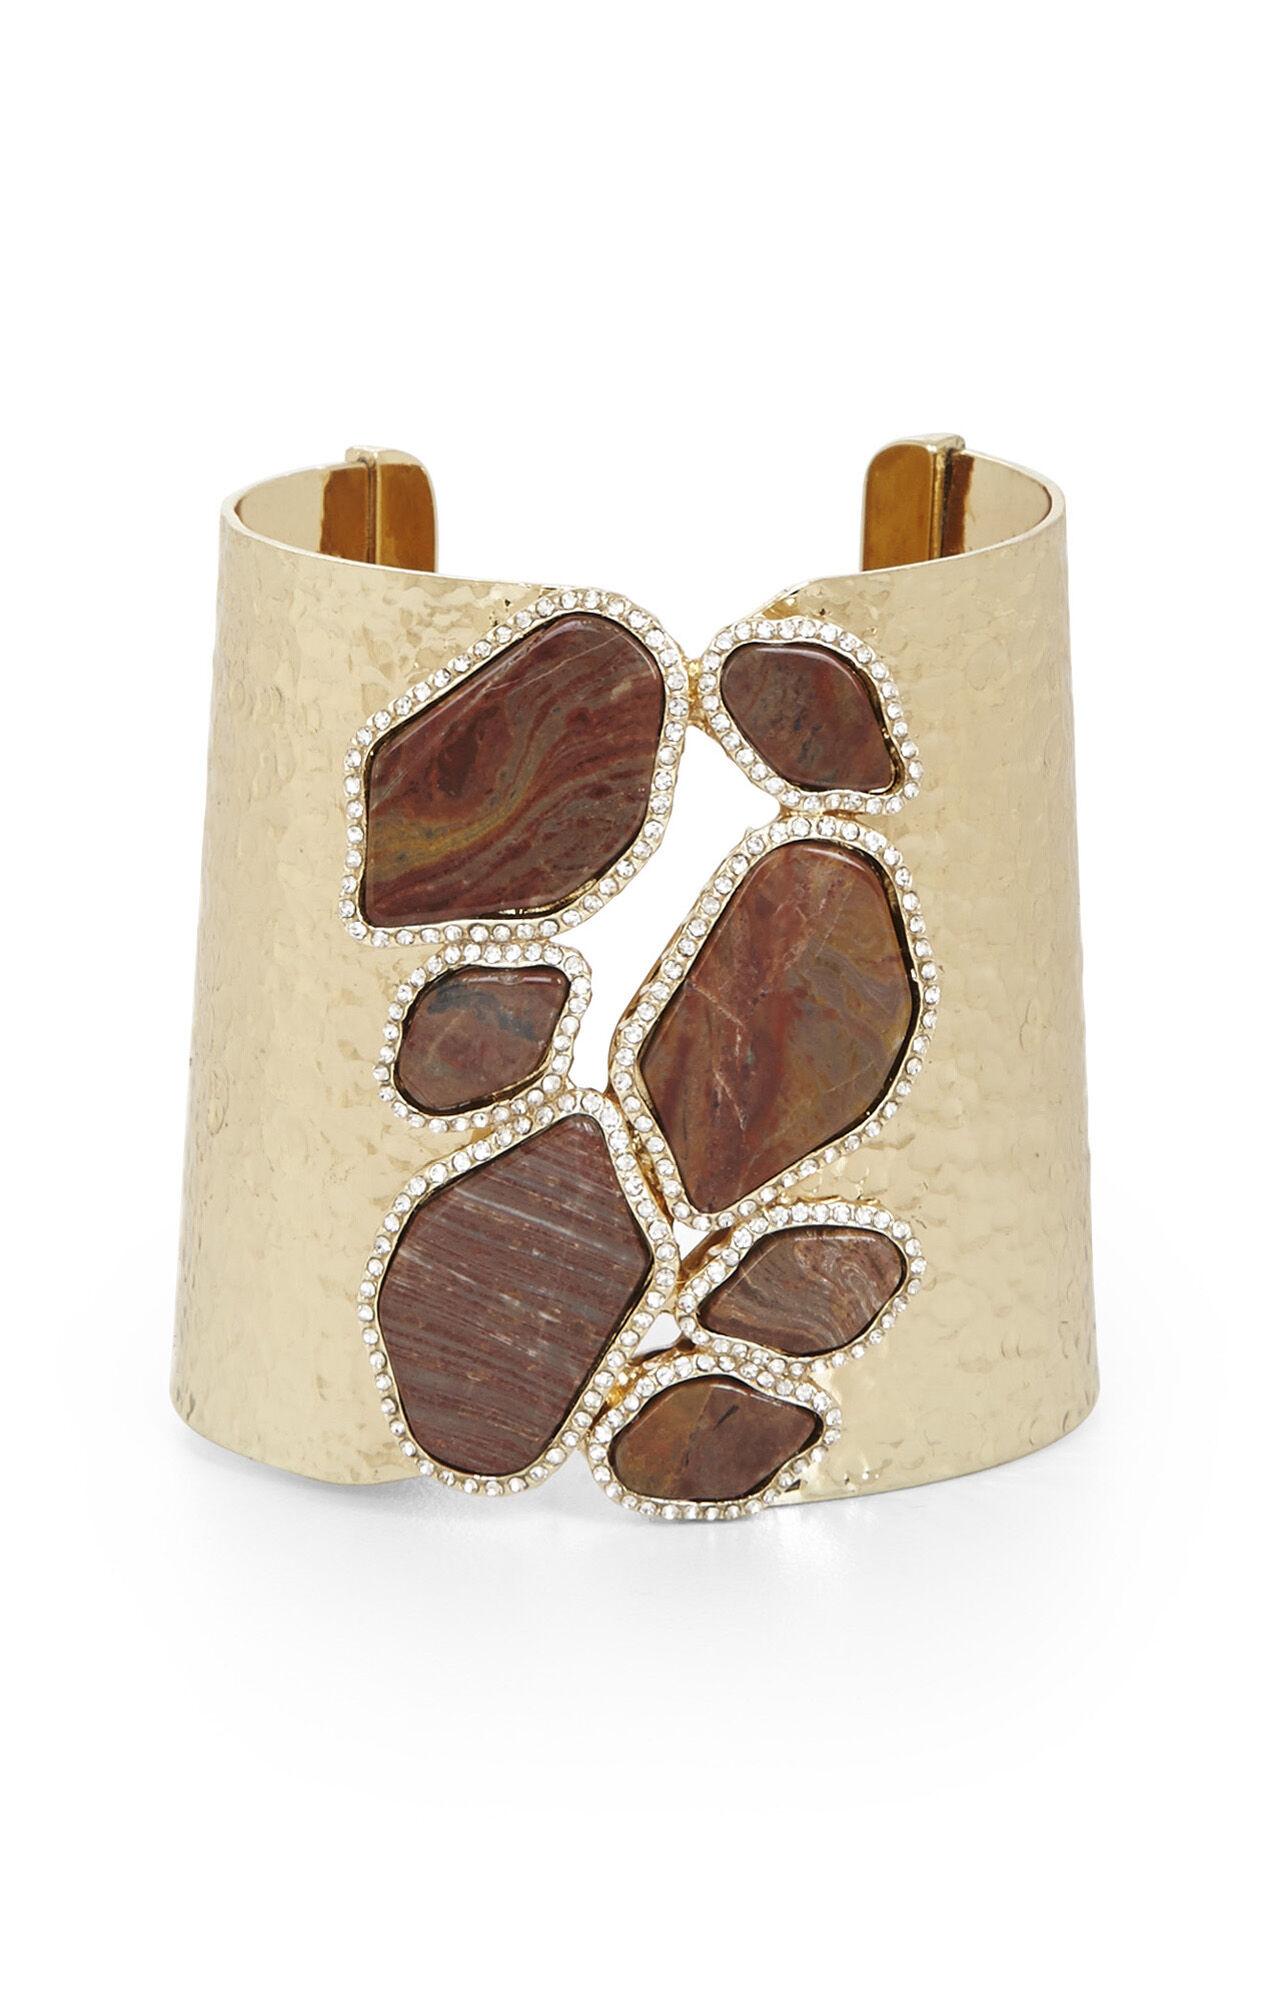 Natural Stone Cuff